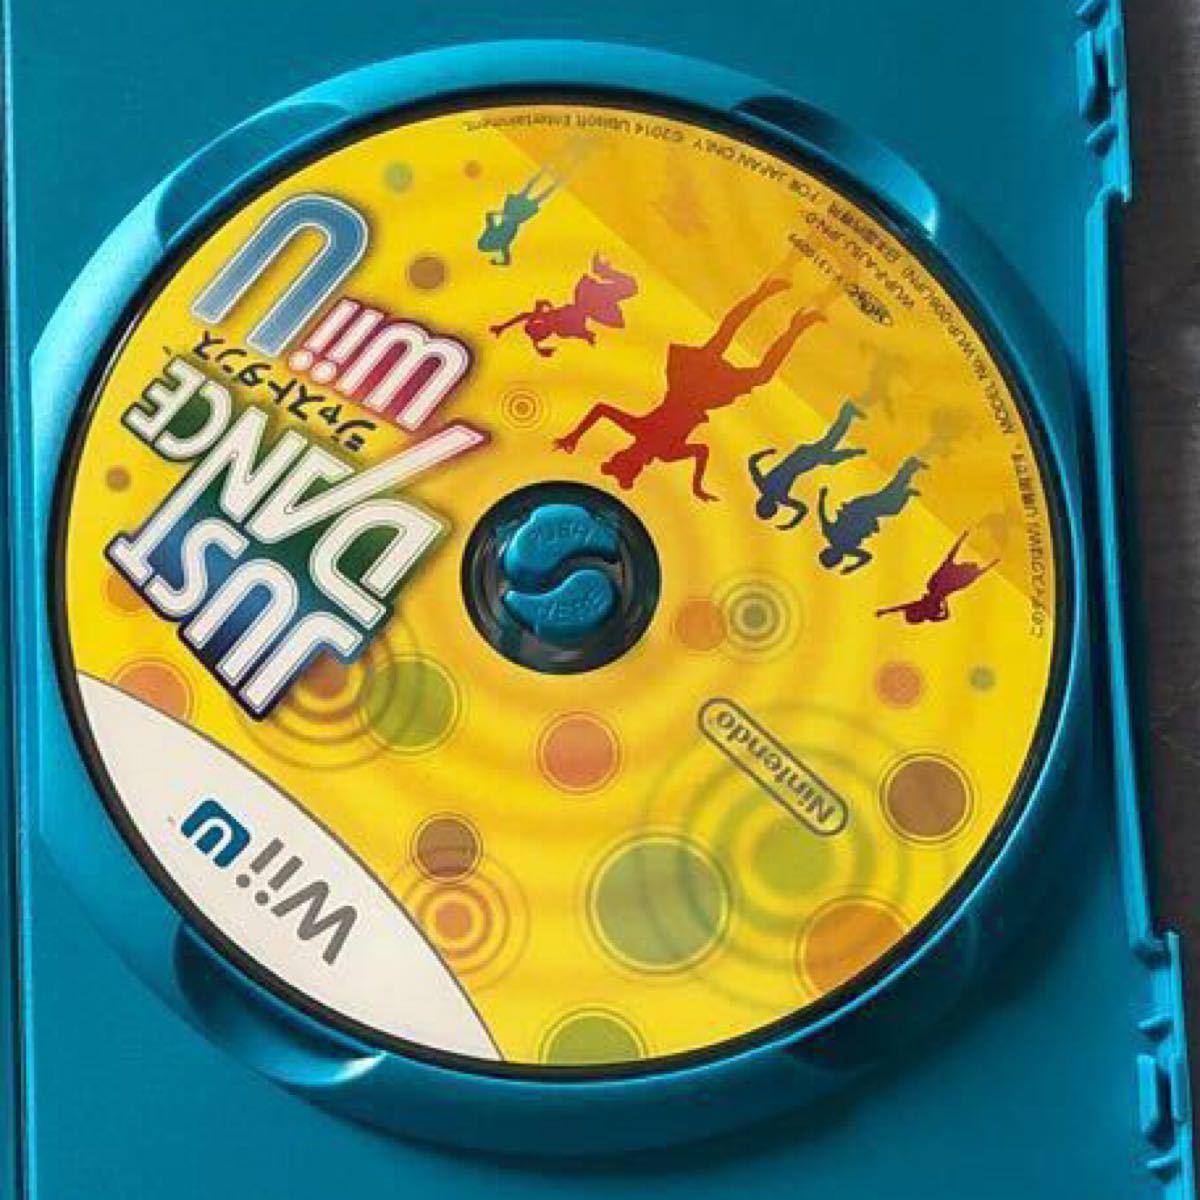 Wiiu ソフト ジャストダンス